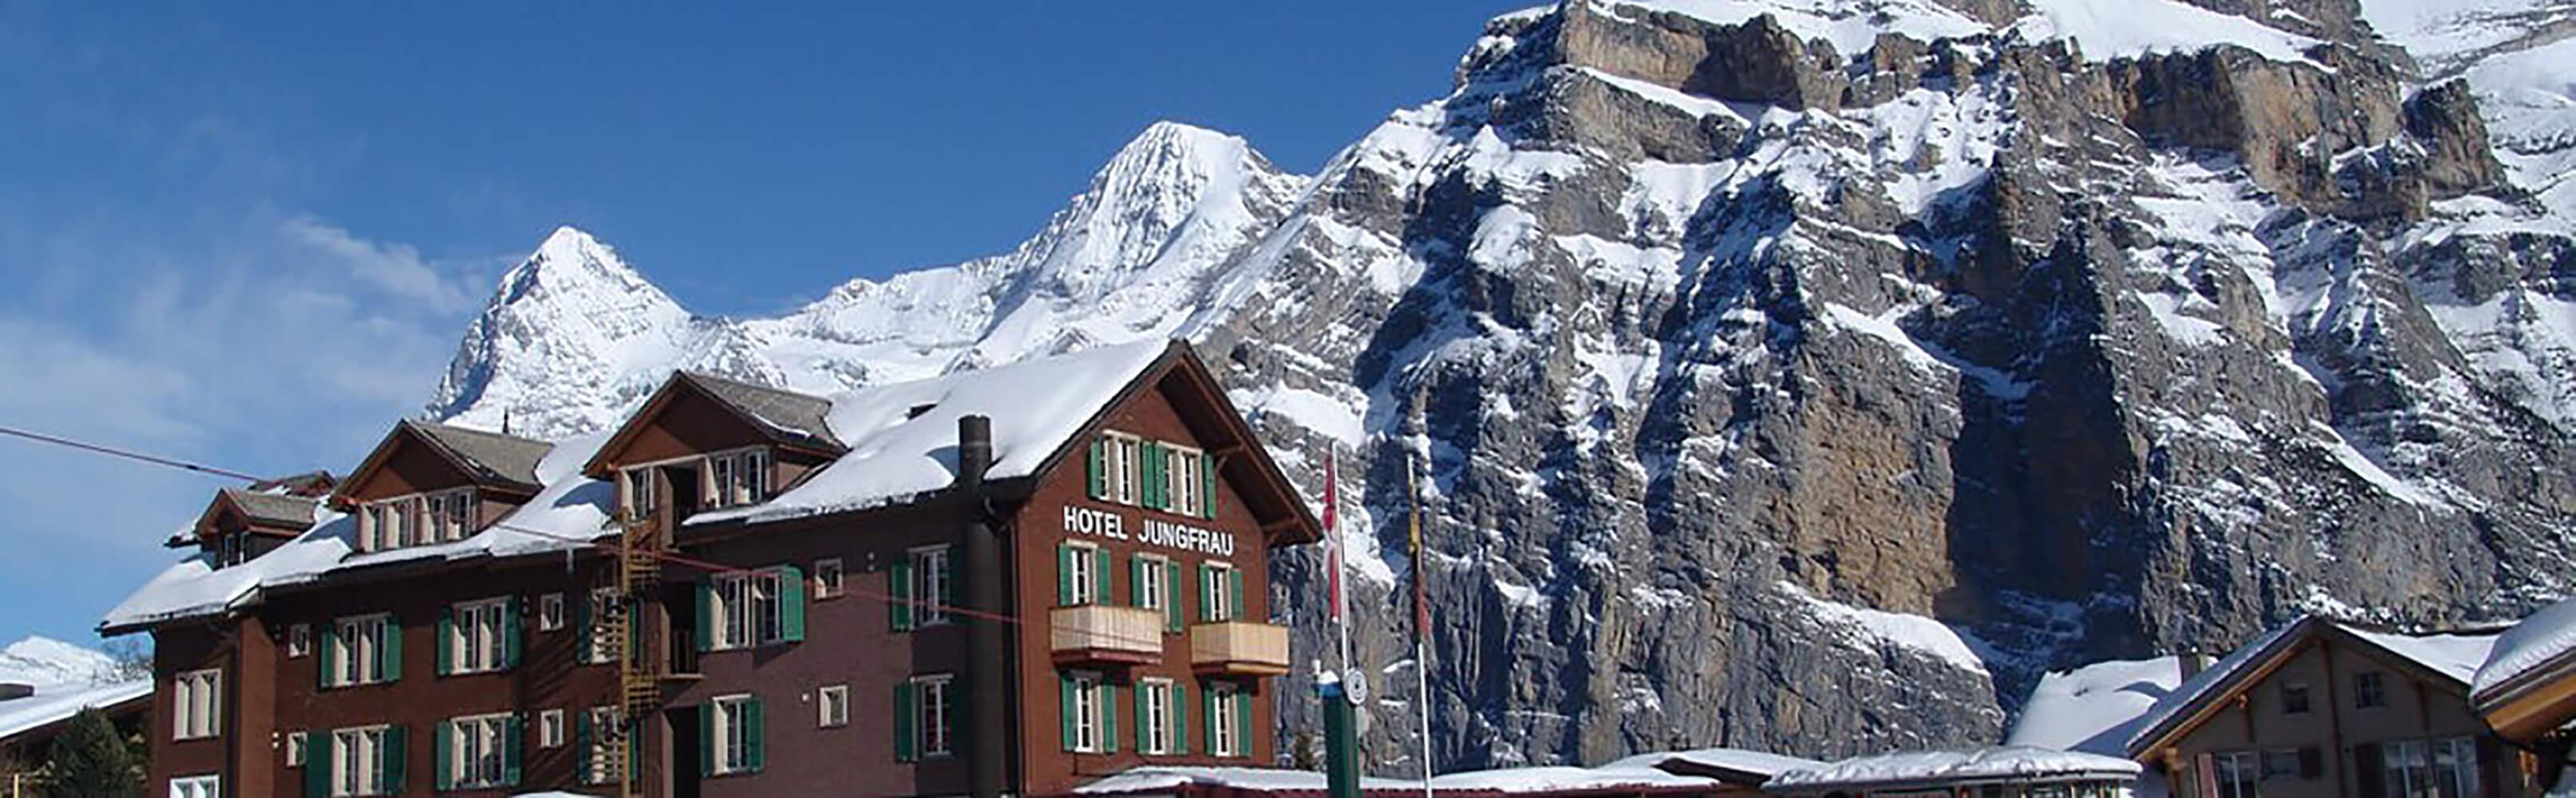 Hotel Jungfrau Mürren 1